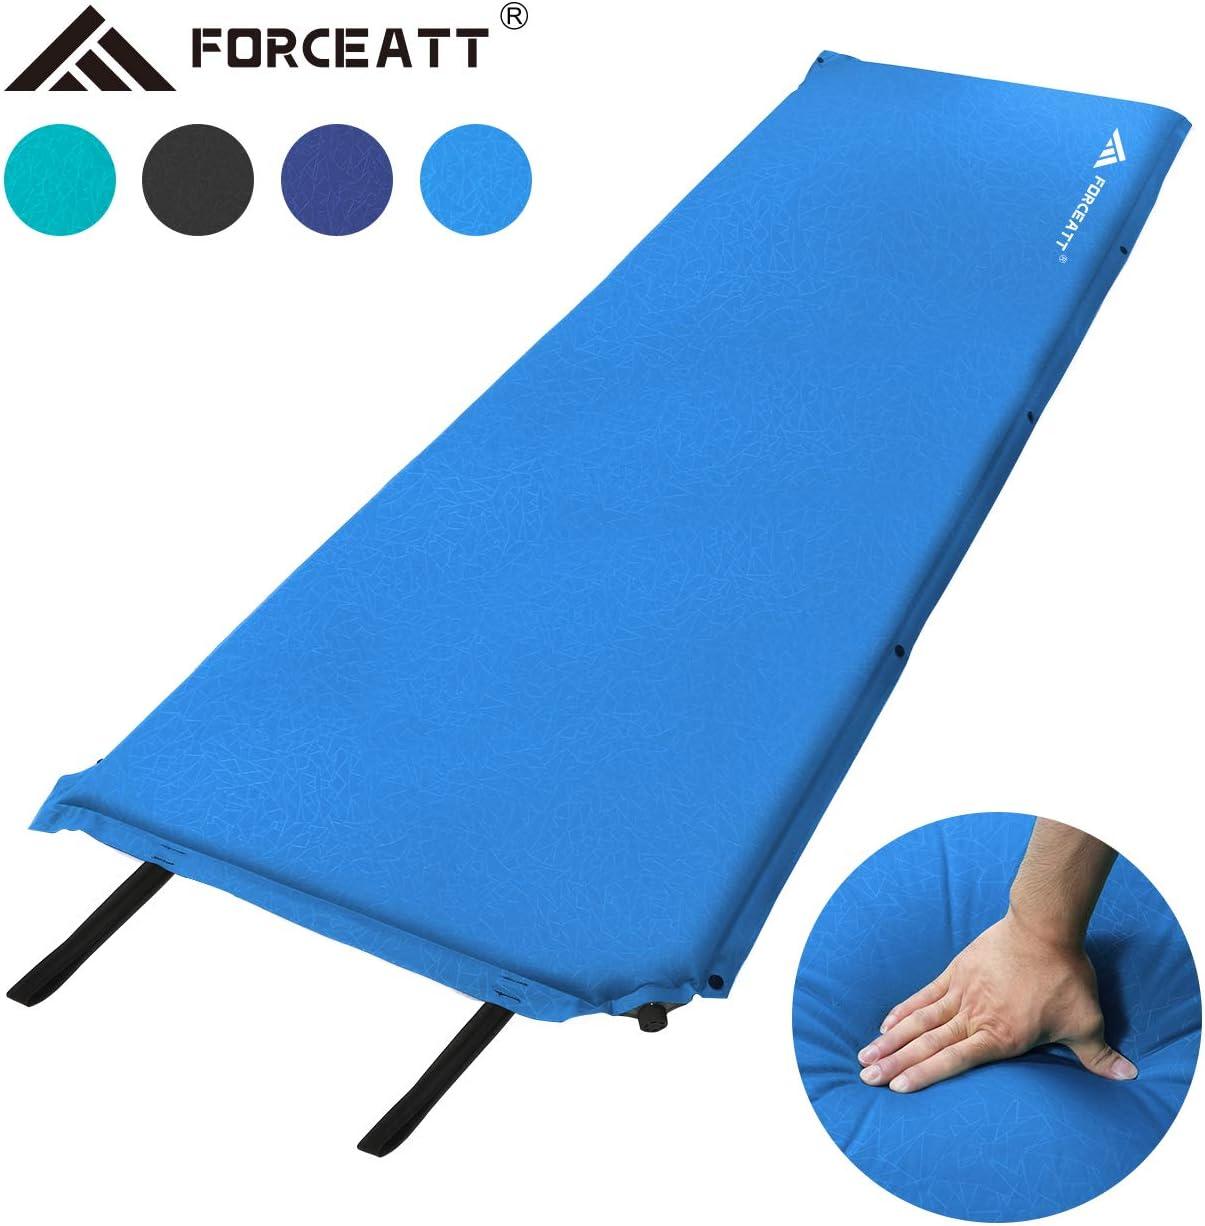 Forceatt Camping Sleeping Pad